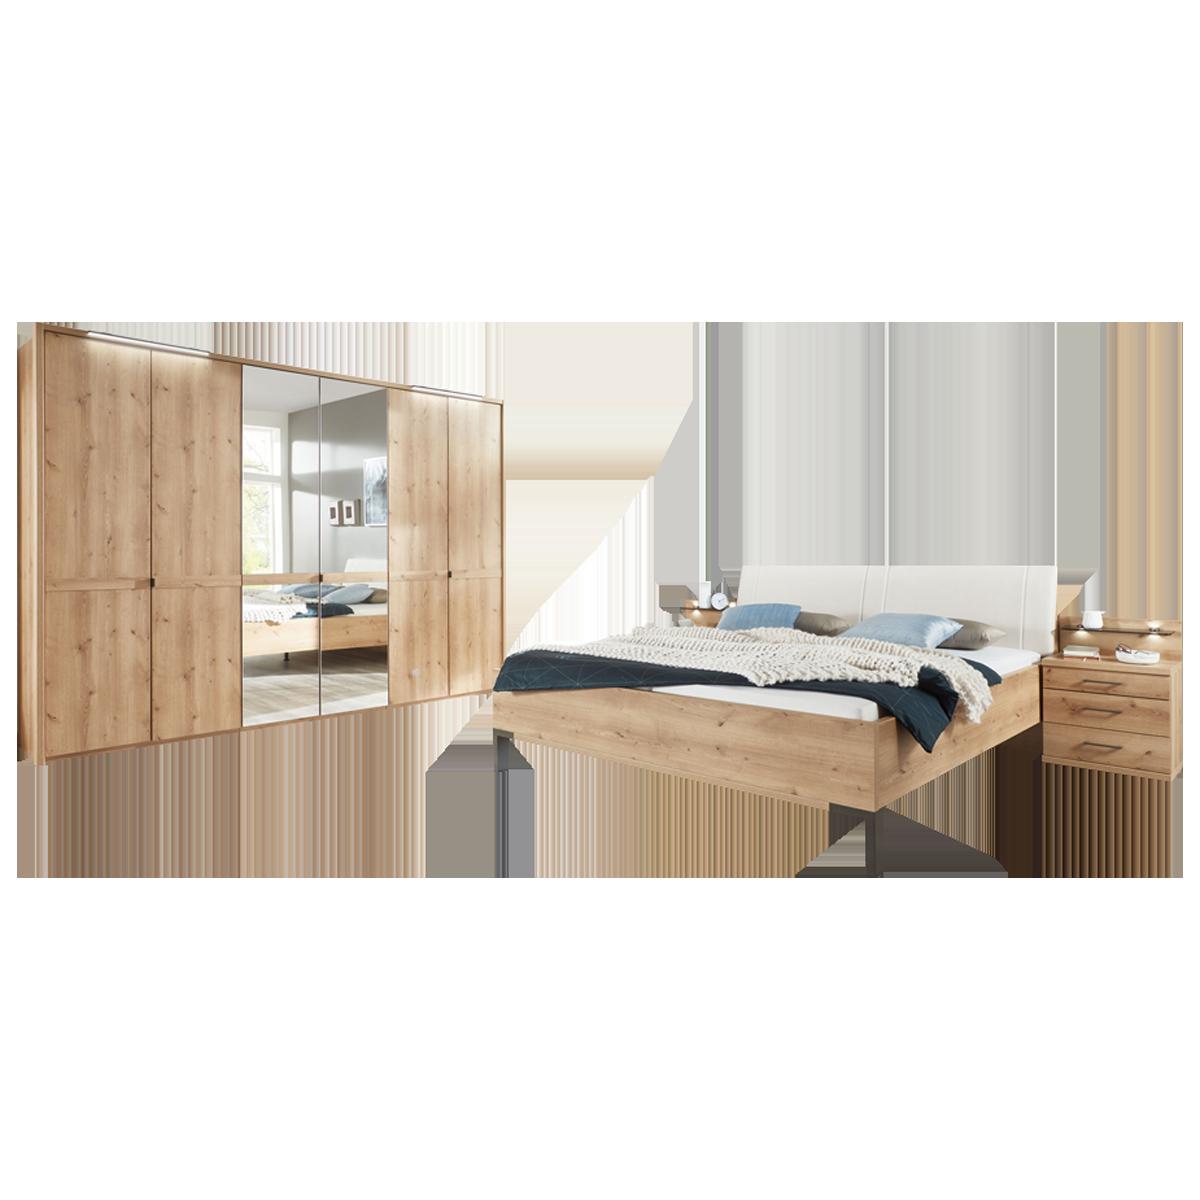 Wiemann Mexiko Schlafzimmer Futonbett 18-türiger Drehtürenschrank und  Nachtkonsolen in Bianco-Eiche-Nachbildung Griffe und Winkelfüße in Schiefer